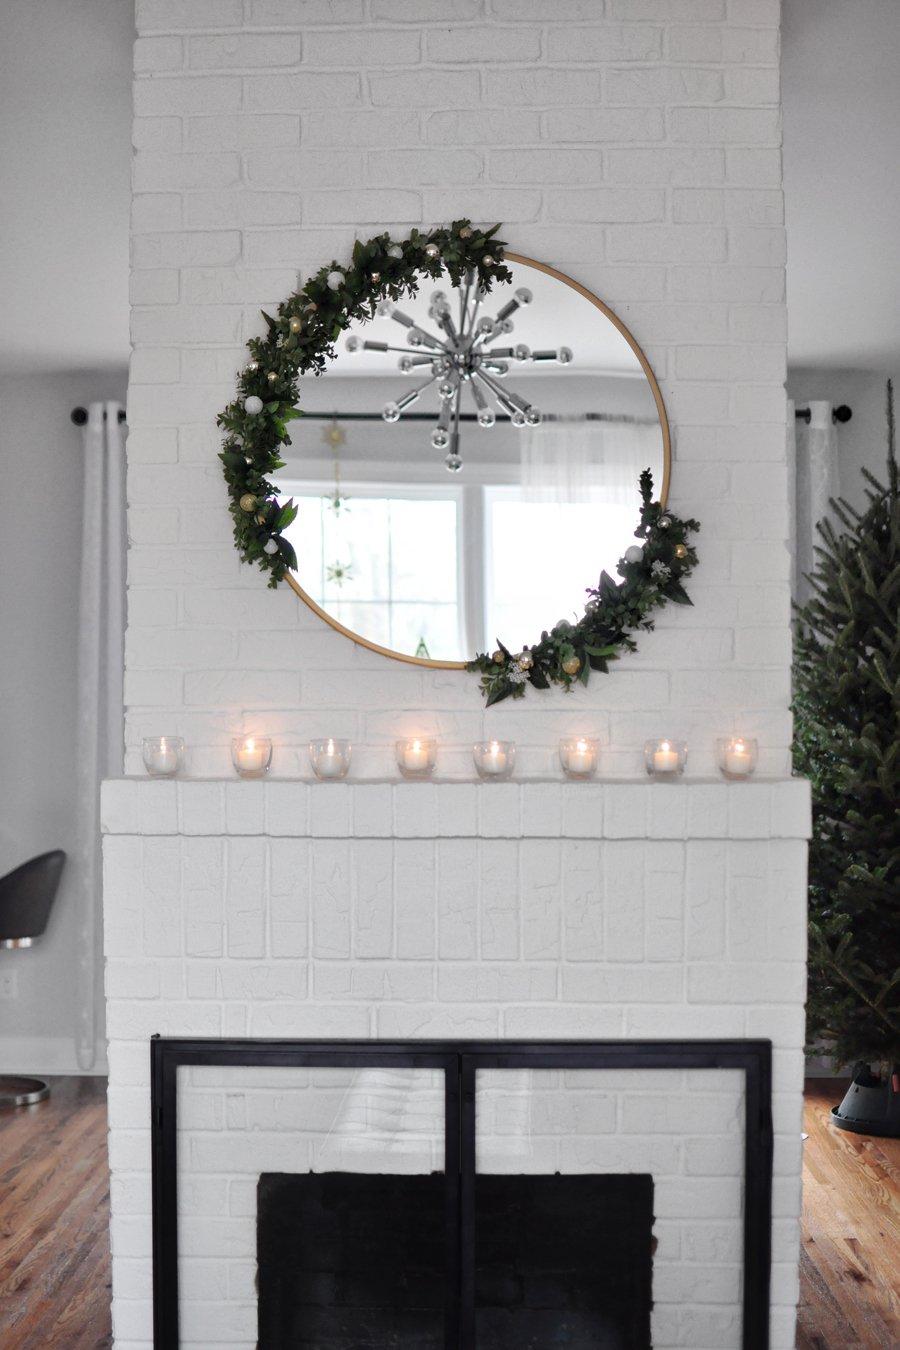 Diy Modern Asymmetrical Holiday Wreath On A Round Mirror